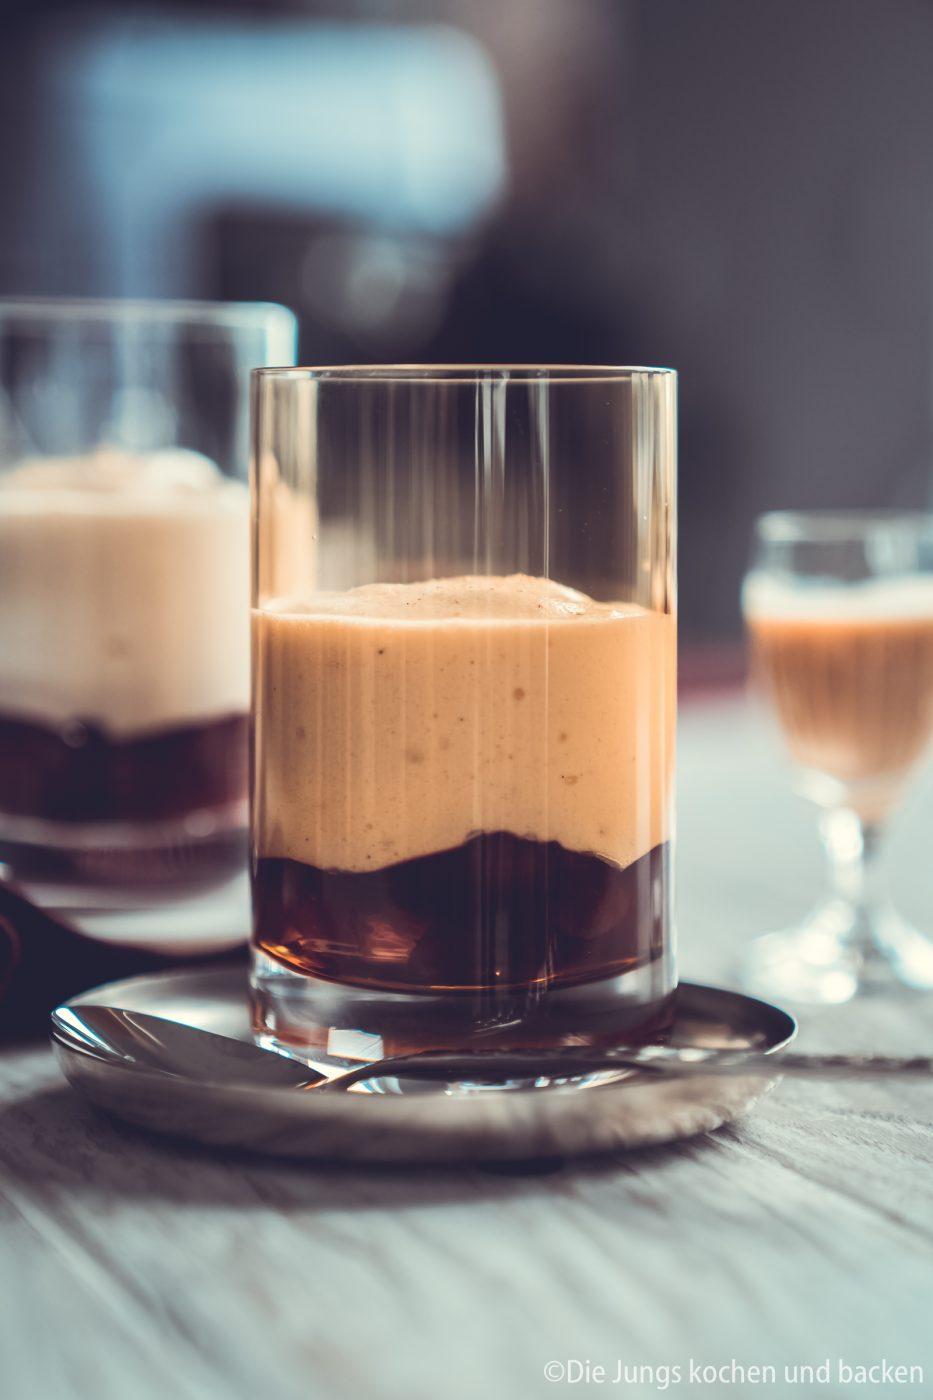 V2 Eierlik%C3%B6r Mousse Verporrten 6 1 | Heute haben wir mal wieder gemeinsam mit VERPOORTEN ein leckeres Dessert für euch. Womit man wirklich nie etwas falsch macht, ist ein Dessert im Glas und genau das stand auch auf dem Plan! Ich liebe Cremes mit einer moussigen Konsistenz, aber ich wollte auch mal ein Dessert kreieren, das man schnell zubereiten kann und auch zwischendurch gut essen kann. Ihr wisst ja, Dessert geht bei mir immer. Unsere Eierlikör-Mousse mit Kirschen ist genau so ein Dessert und das aus mehreren Gründen!